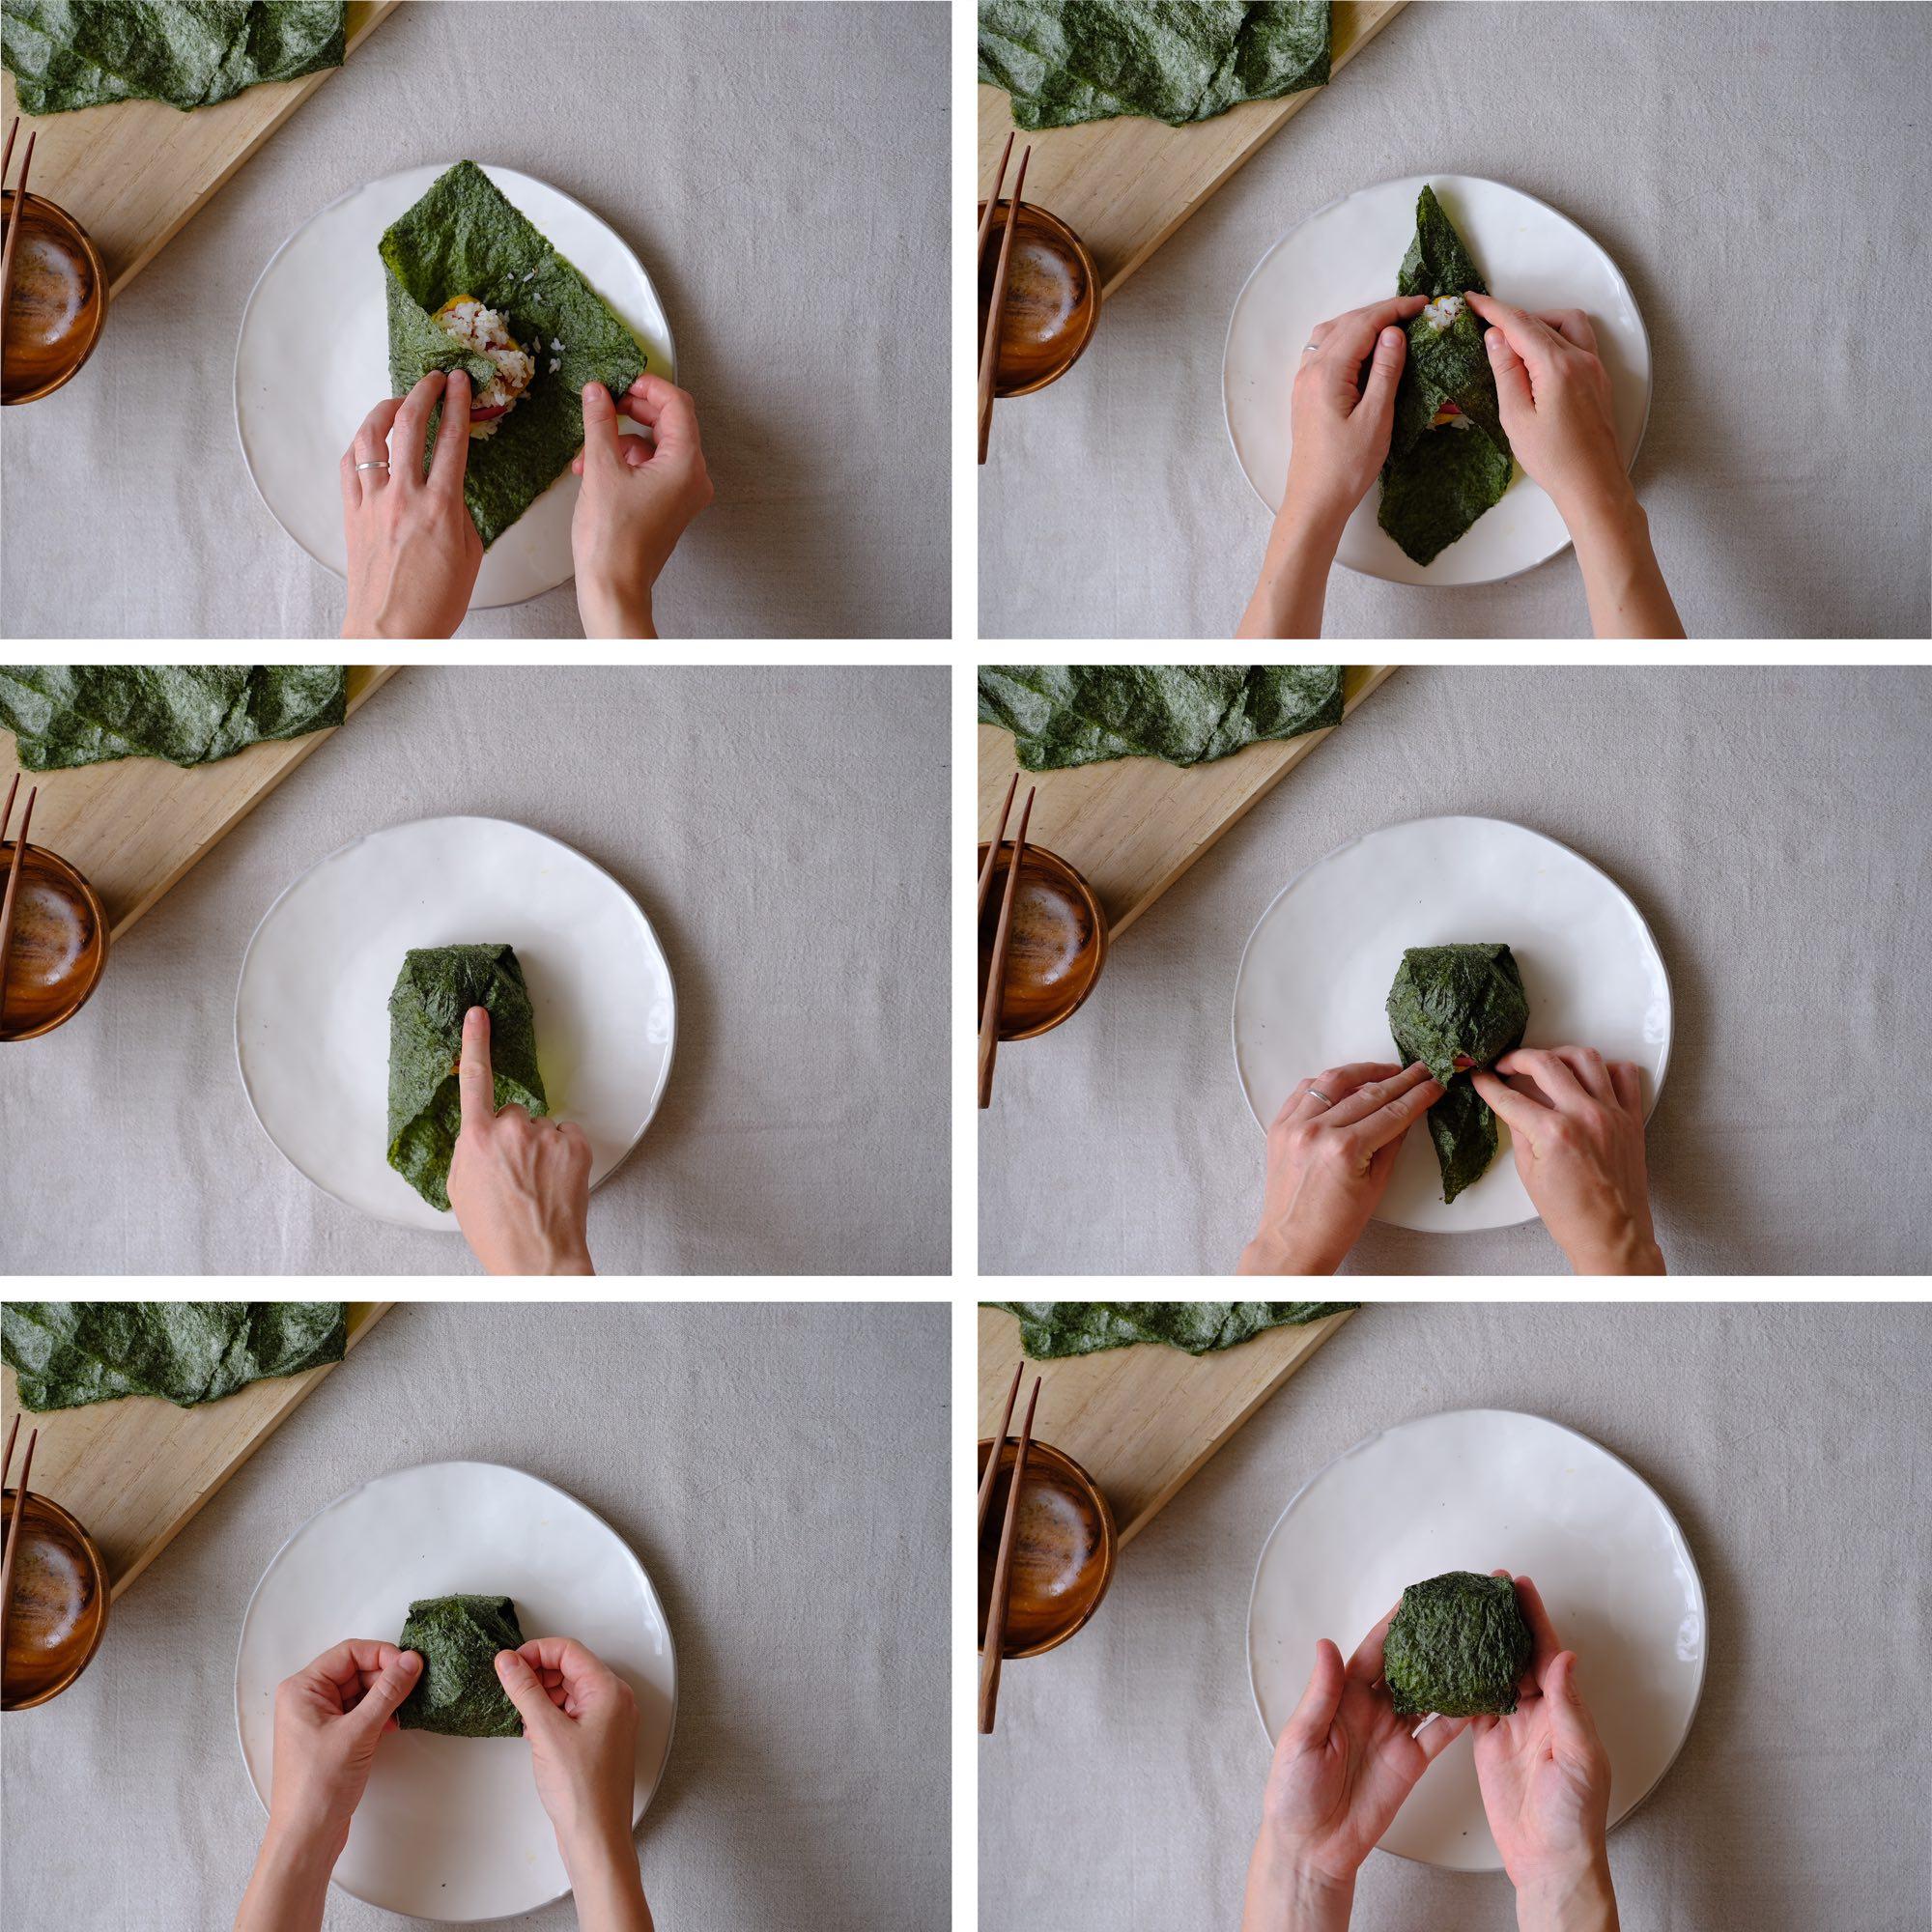 how to wrap an onigarazu